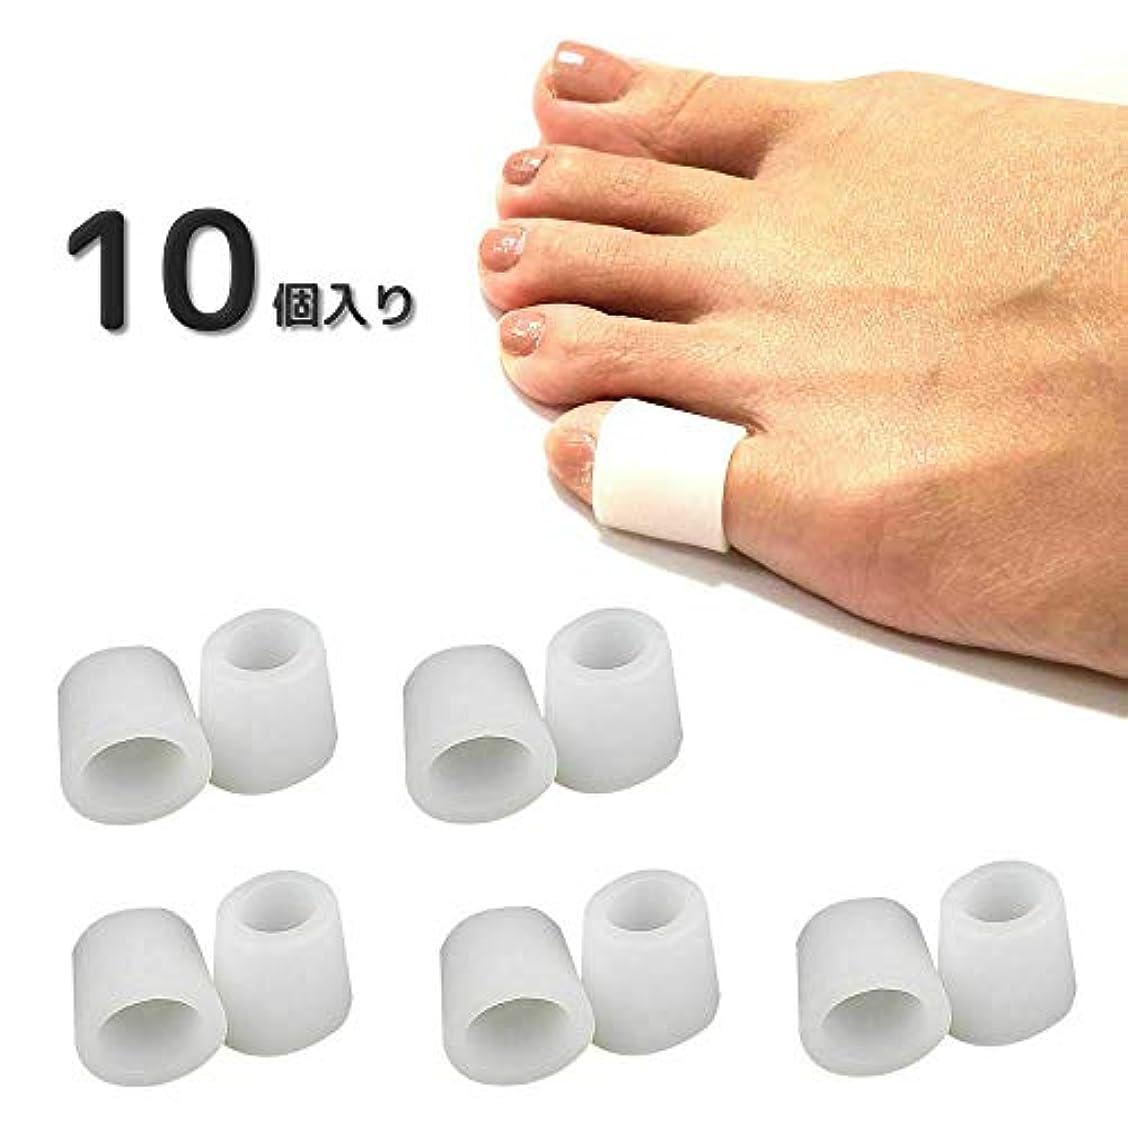 影響する確保する免疫するLumiele 指や爪の保護キャップ 足爪 足指 柔らかシリコン サポーター 小指 指サック 5セット 10個入り